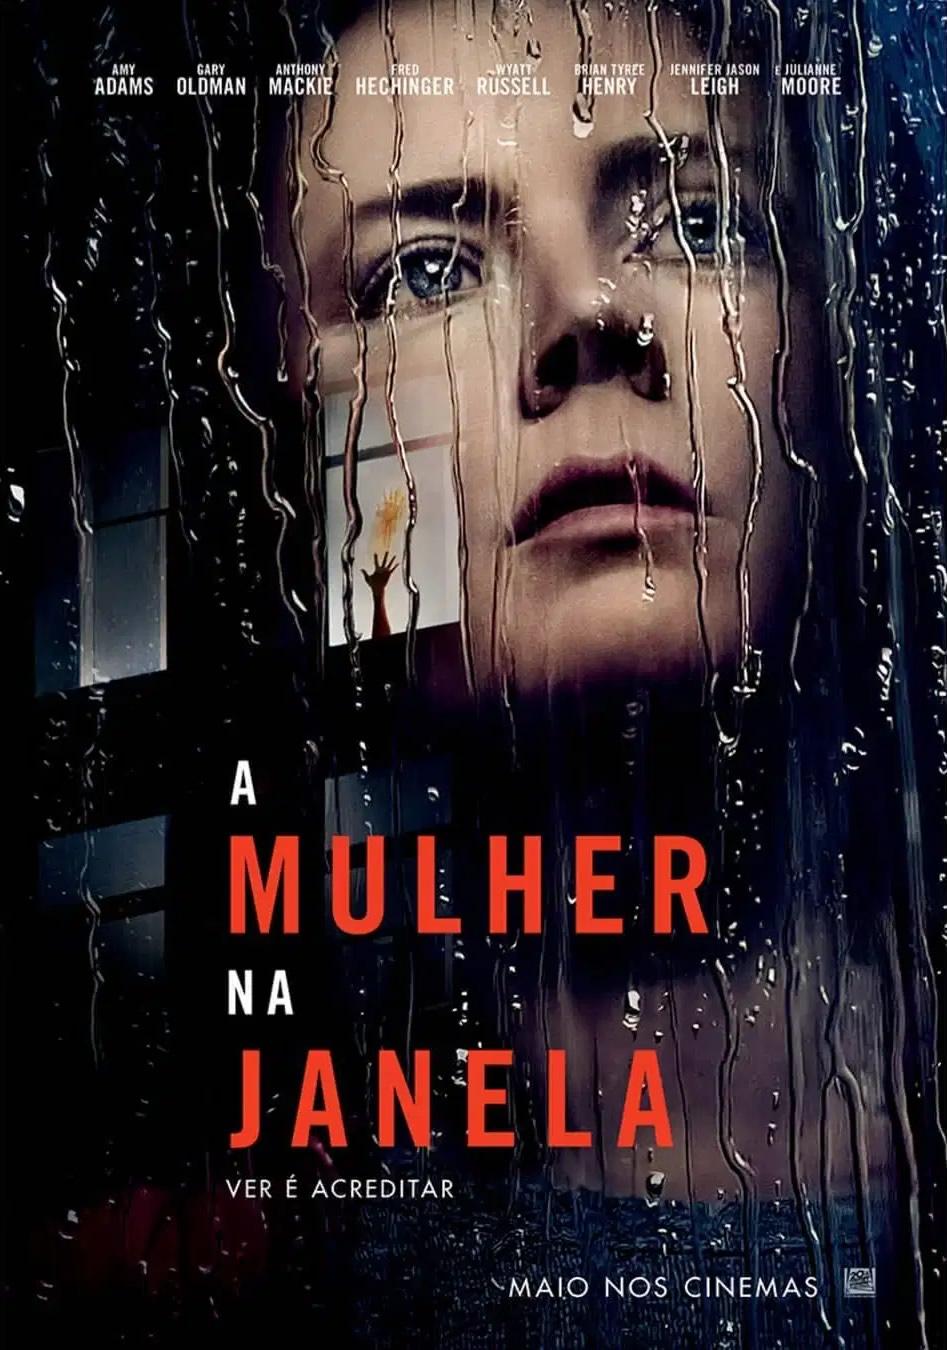 A Mulher na Janela | Netflix divulga trailer do suspense psicológico e misterioso com Amy Adams